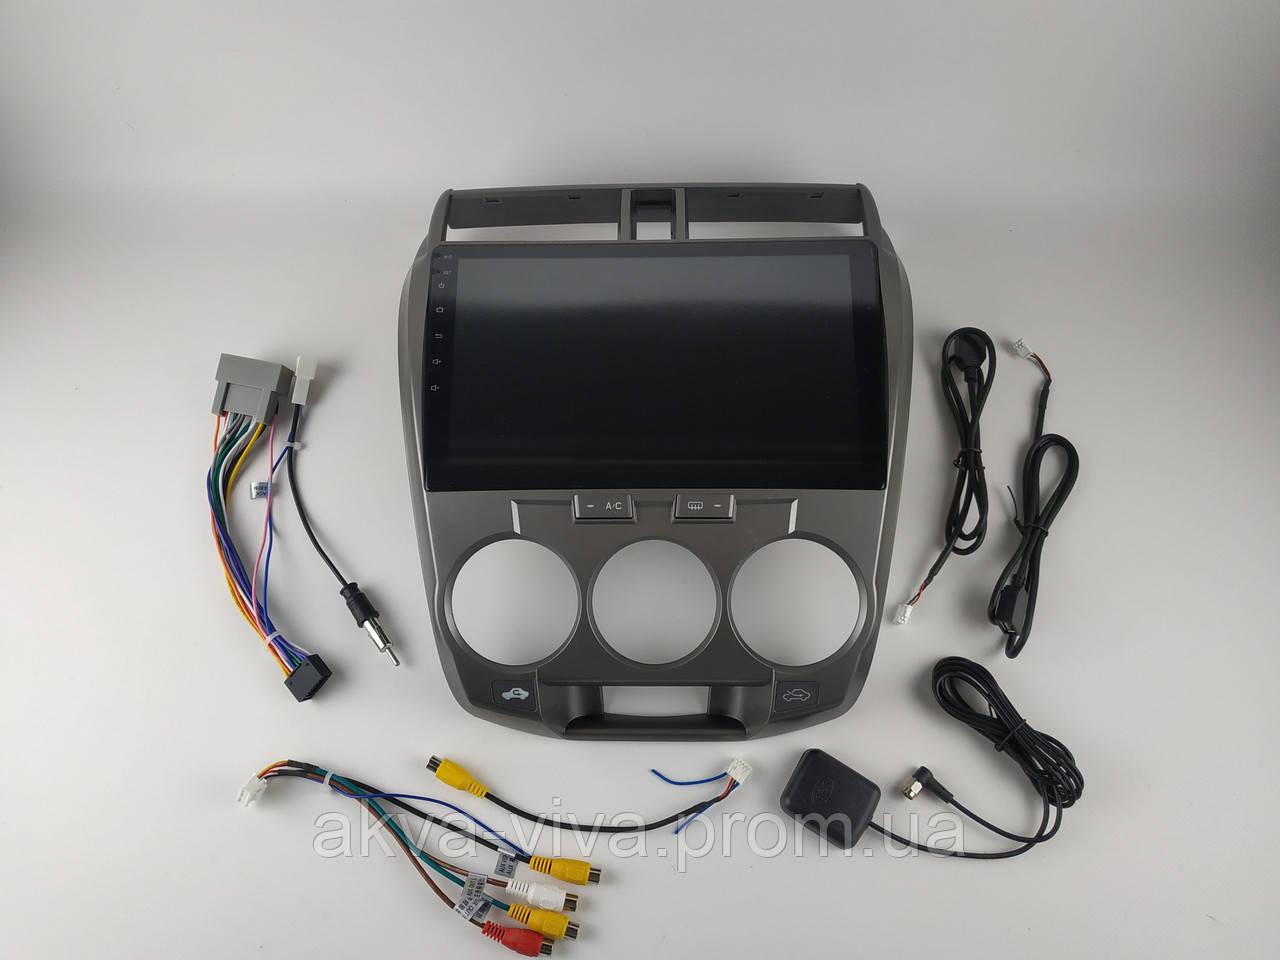 Штатная автомагнитола Honda City 2008-2014 на Android с хорошей звуковой настройкой (М-ХС-10)